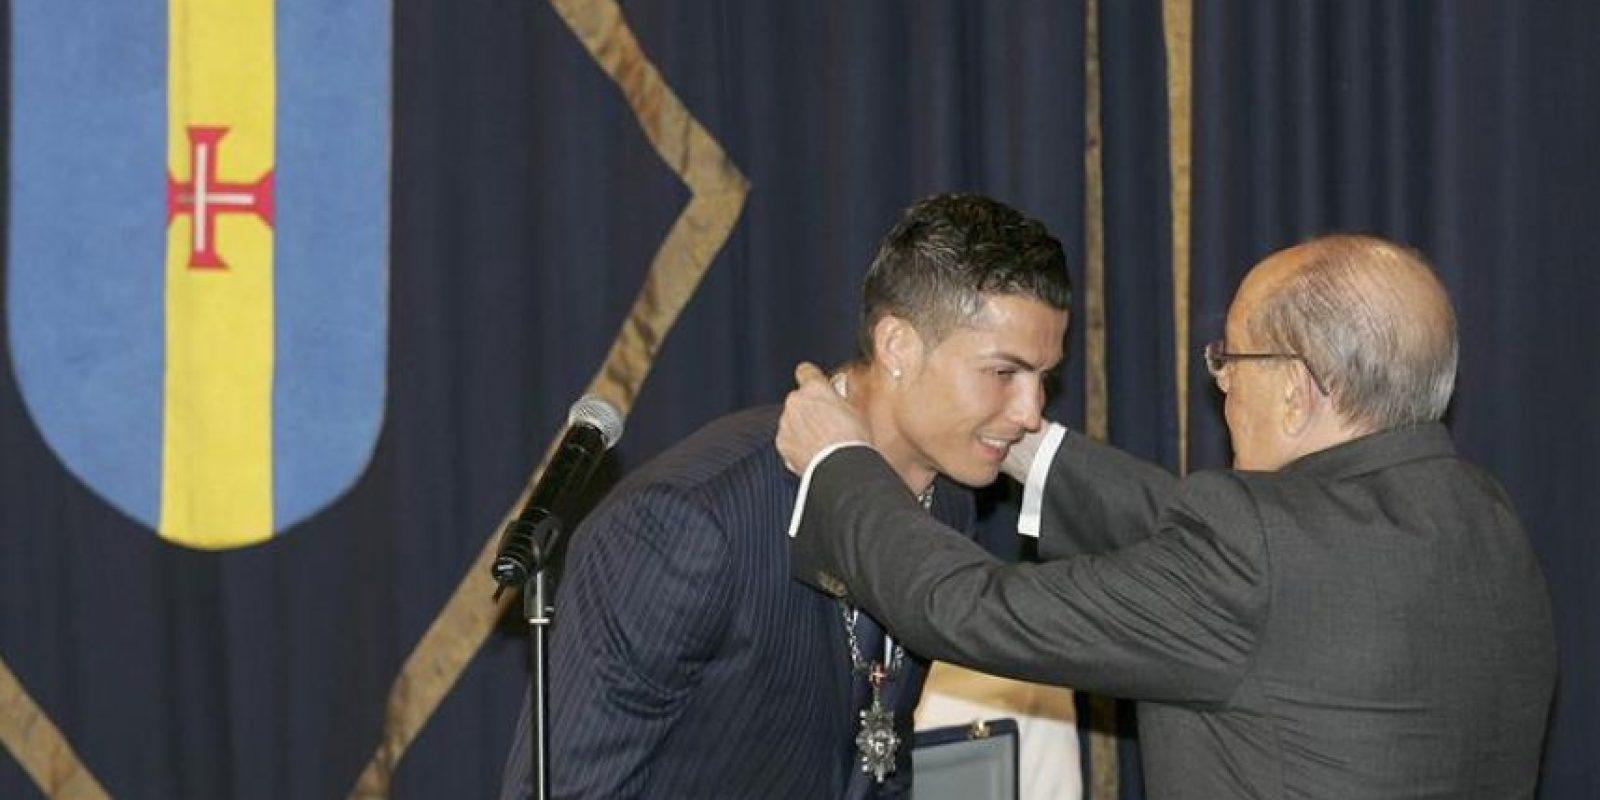 El futbolista portugués Cristiano Ronaldo (i) recibe la Medalla al Mérito de manos del presidente de la Asamblea Legislativa de Madeira, Miguel Mendonça, hoy en el Parlamento de ese país. EFE